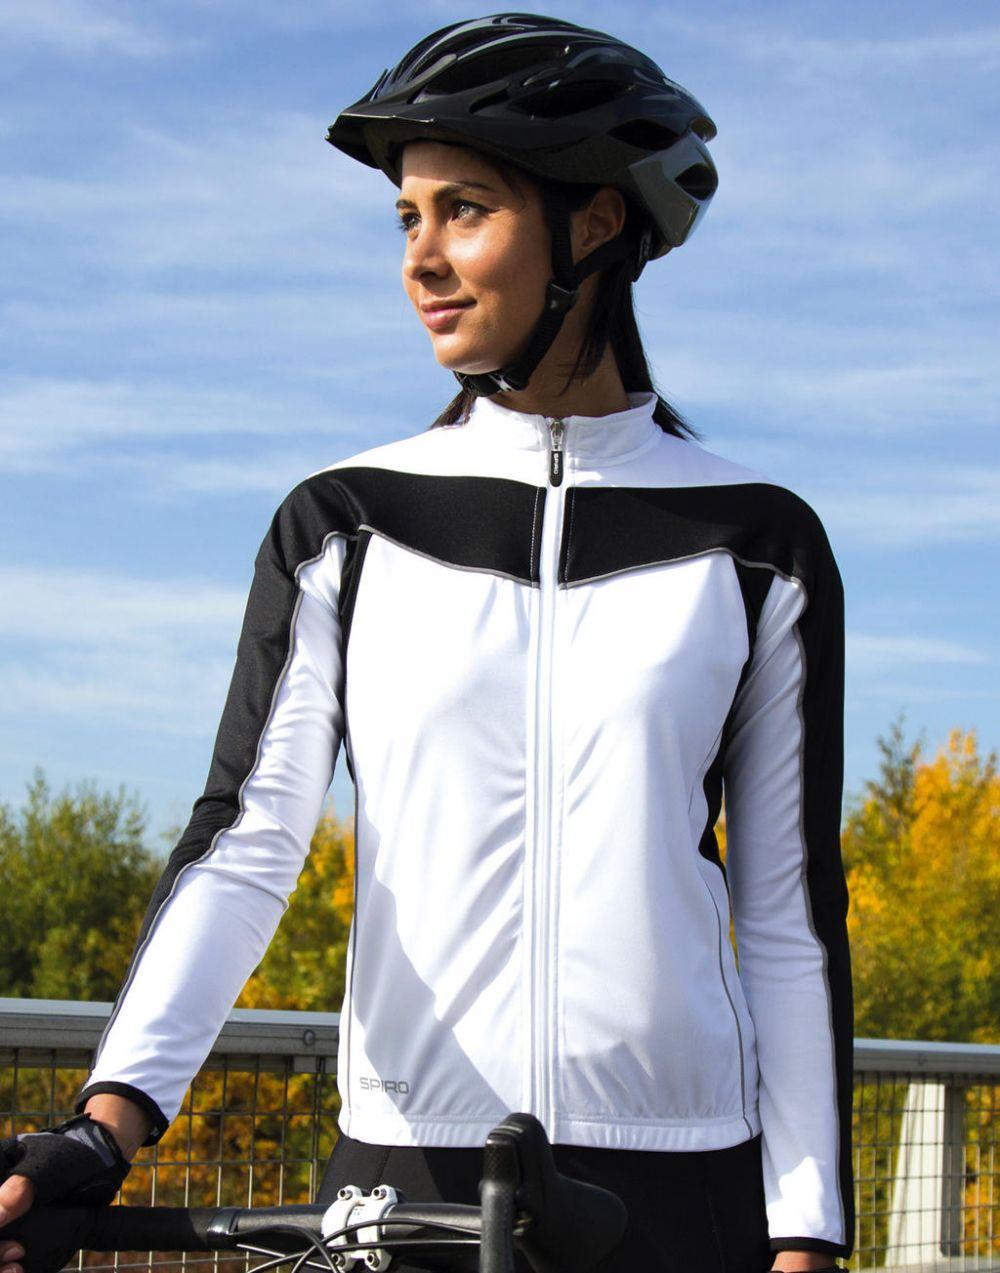 Equipaciones deportivas result top ciclismo manga larga mujer con publicidad vista 3